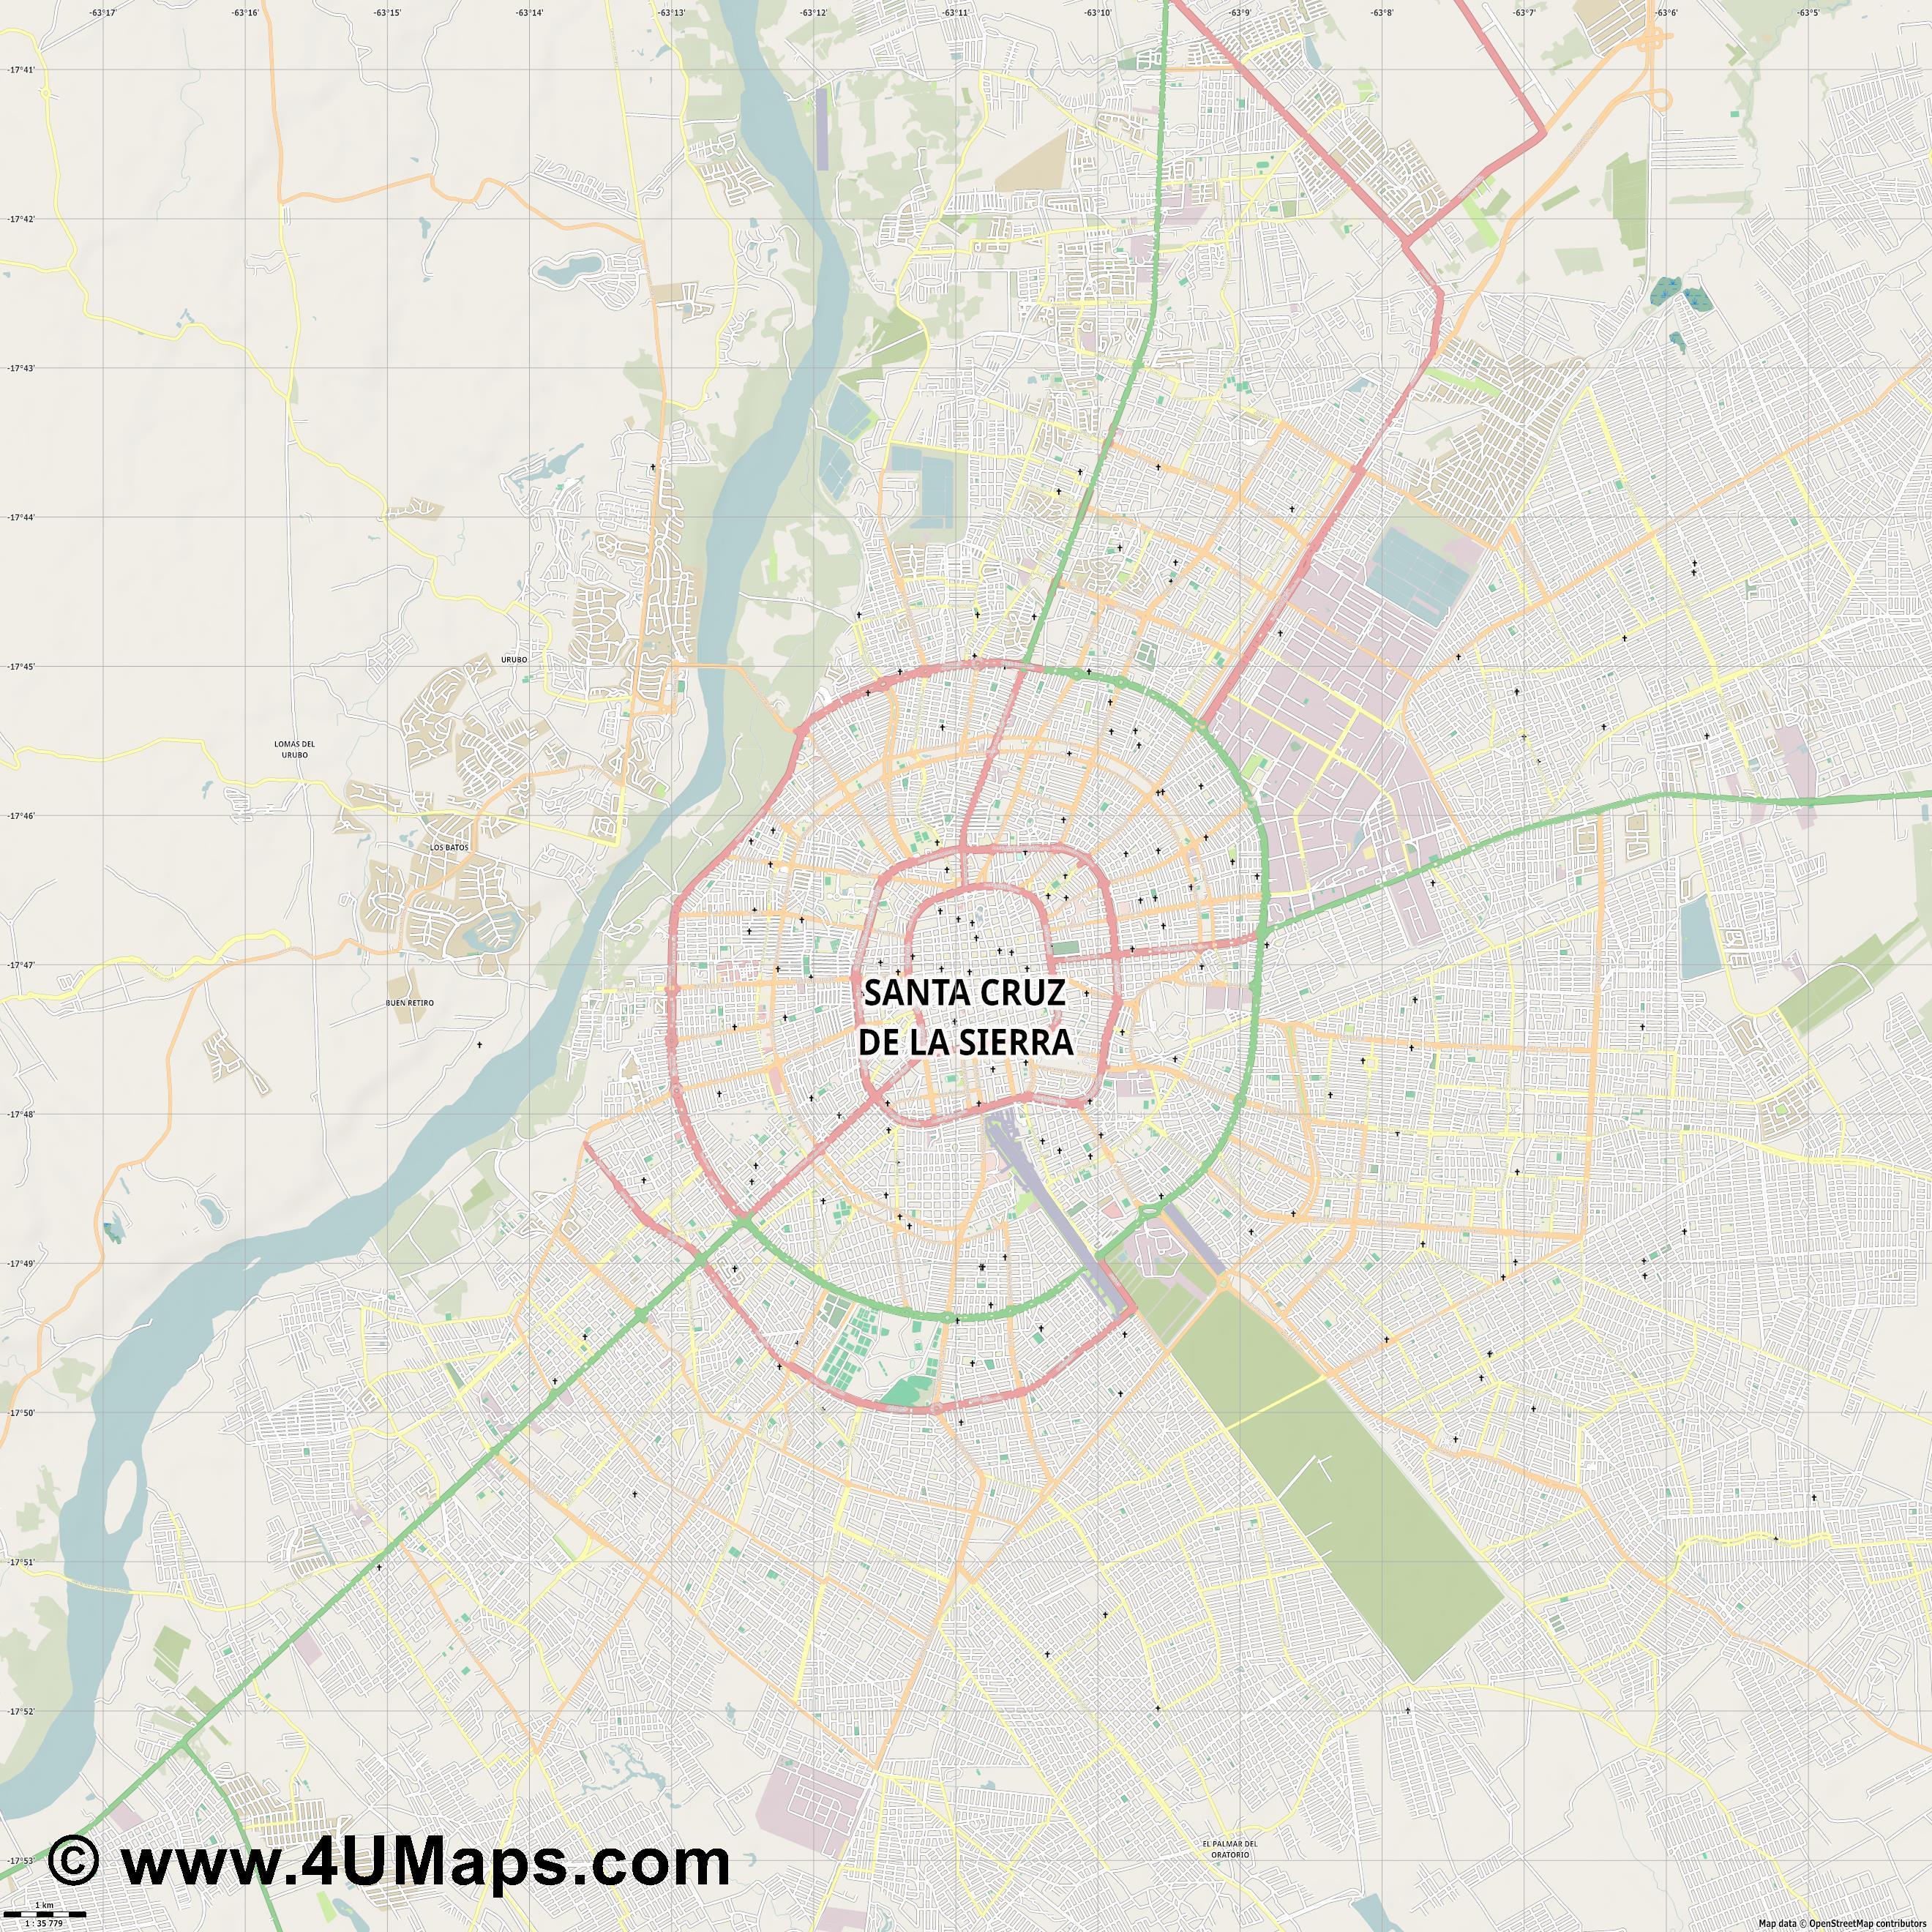 PDF, Svg Scalable Vector City Map Santa Cruz de la Sierra